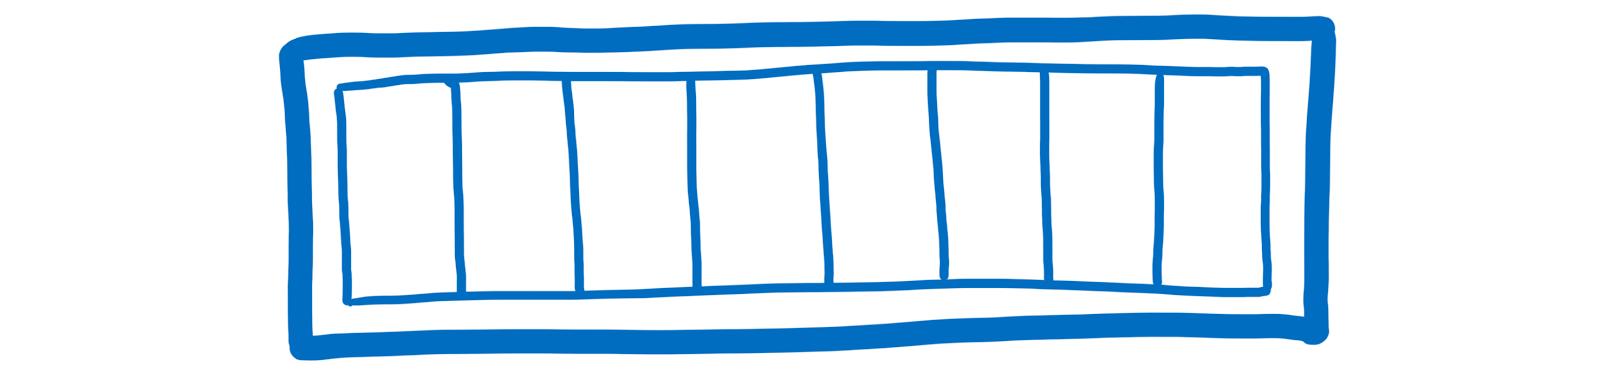 ArrayBuffer и SharedArrayBuffer в JavaScript, часть 1: краткий курс по управлению памятью - 3